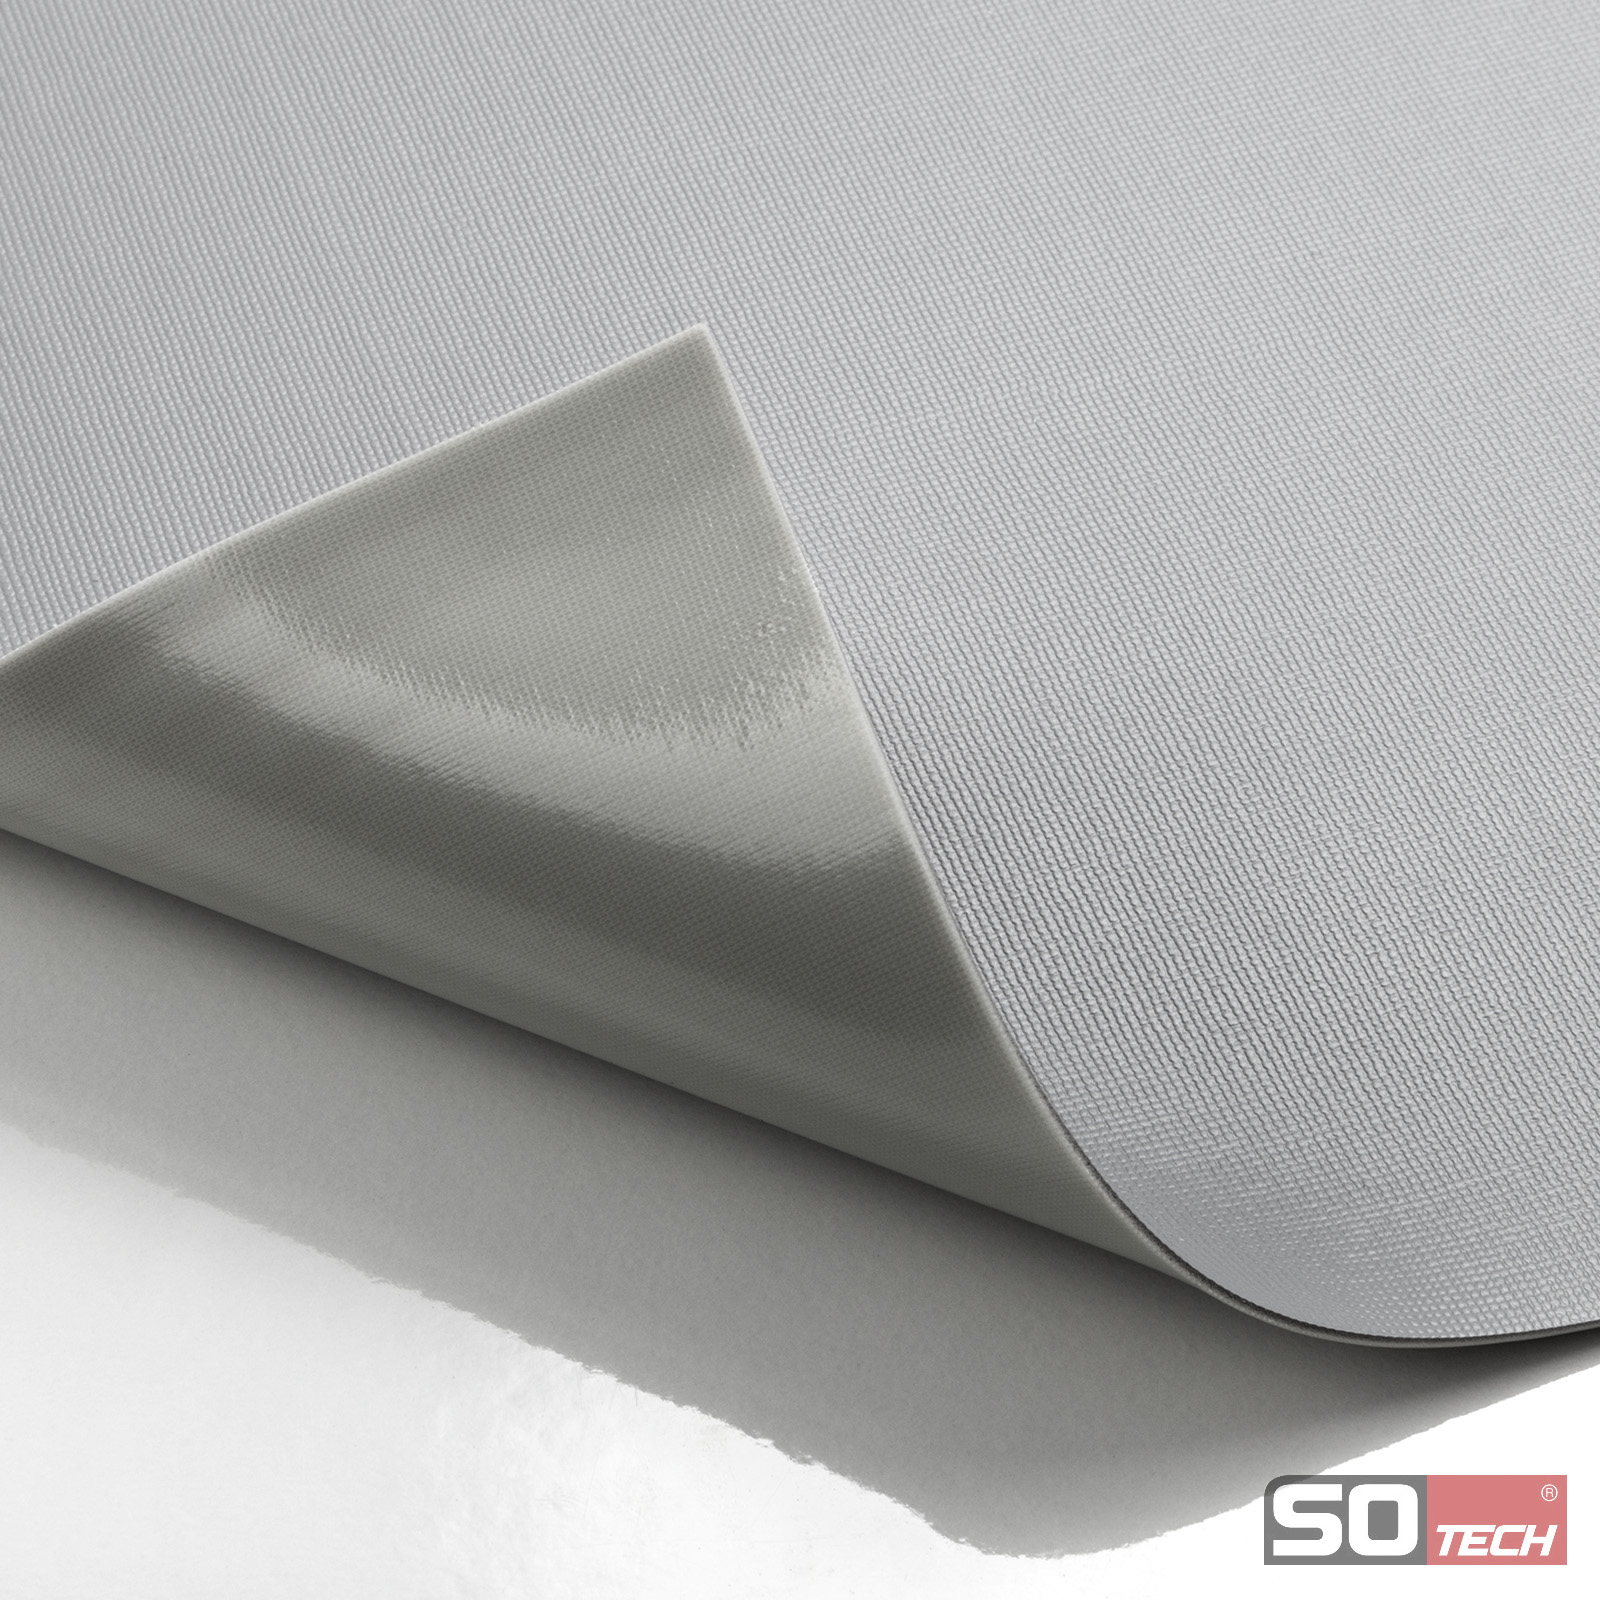 schubladenmatte orga grip top antirutschmatte hettich arcitech nobilia hellgrau schubladen. Black Bedroom Furniture Sets. Home Design Ideas